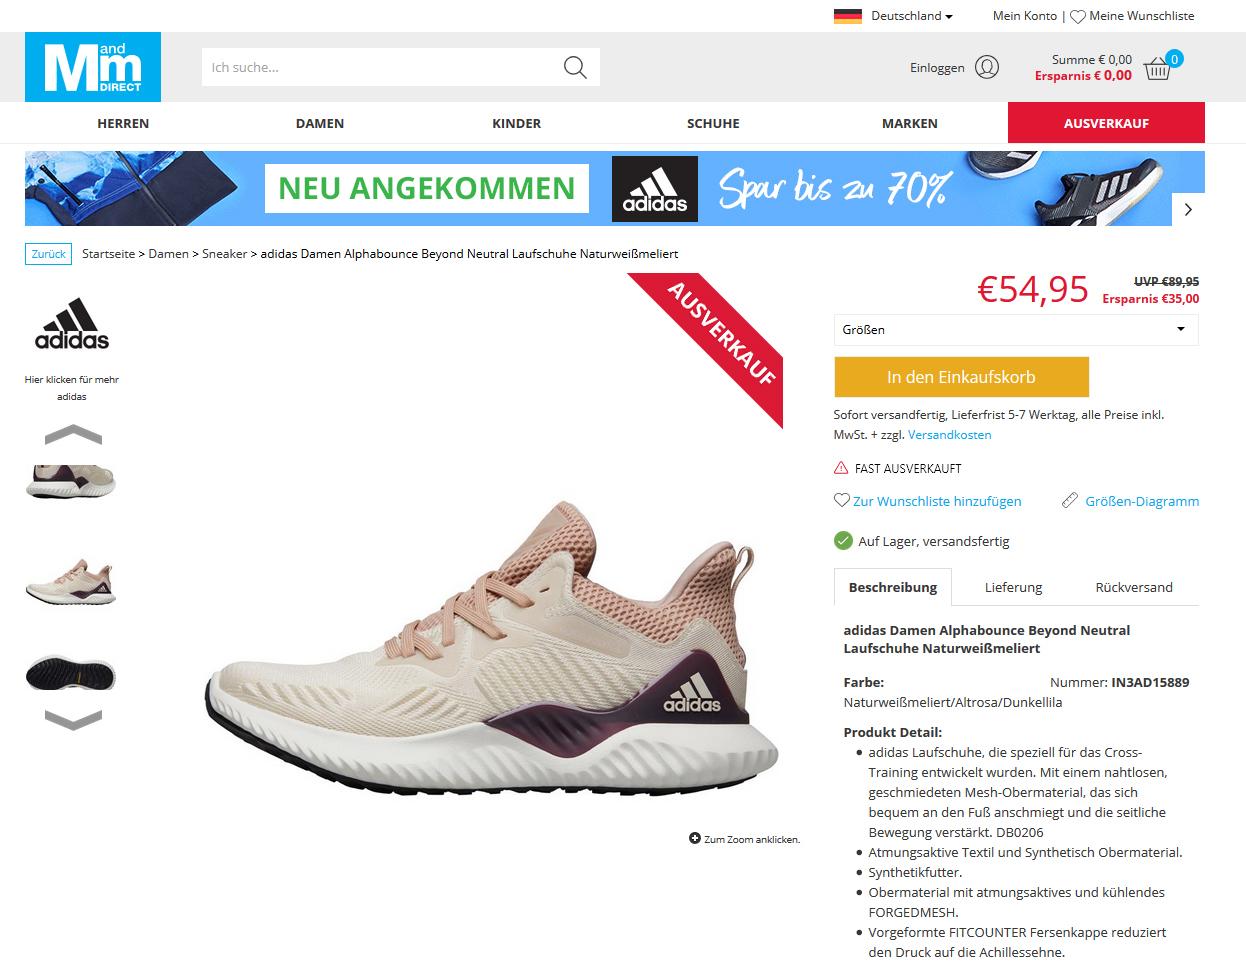 adidas Damen Alphabounce Beyond Neutral Laufschuhe Naturweißmeliert3